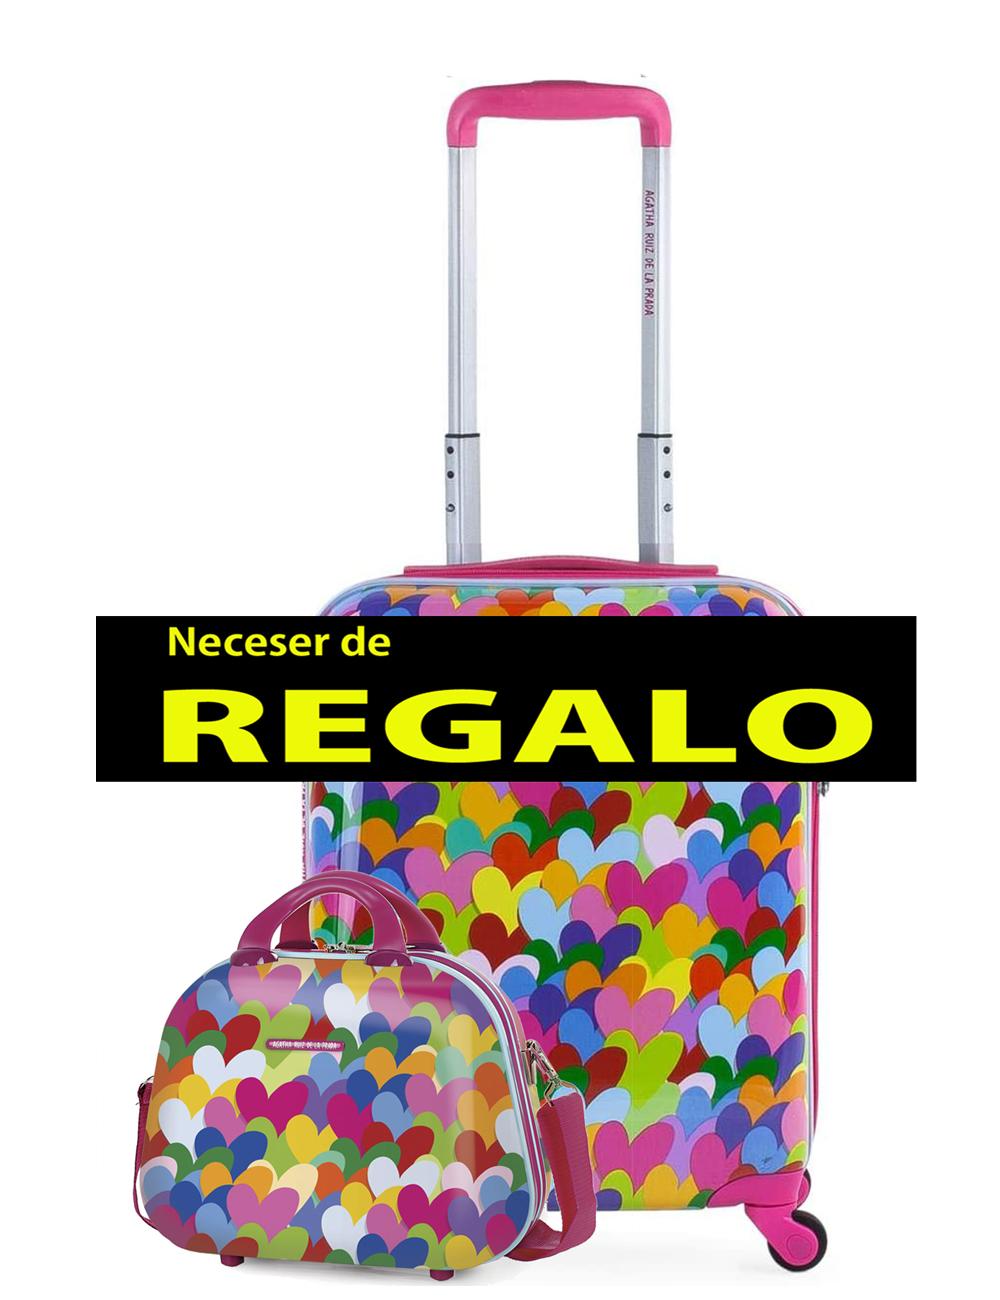 131140 2 Maleta Cabina PEQUEÑA 40cm Agatha Ruiz de la Prada Corazones Colores